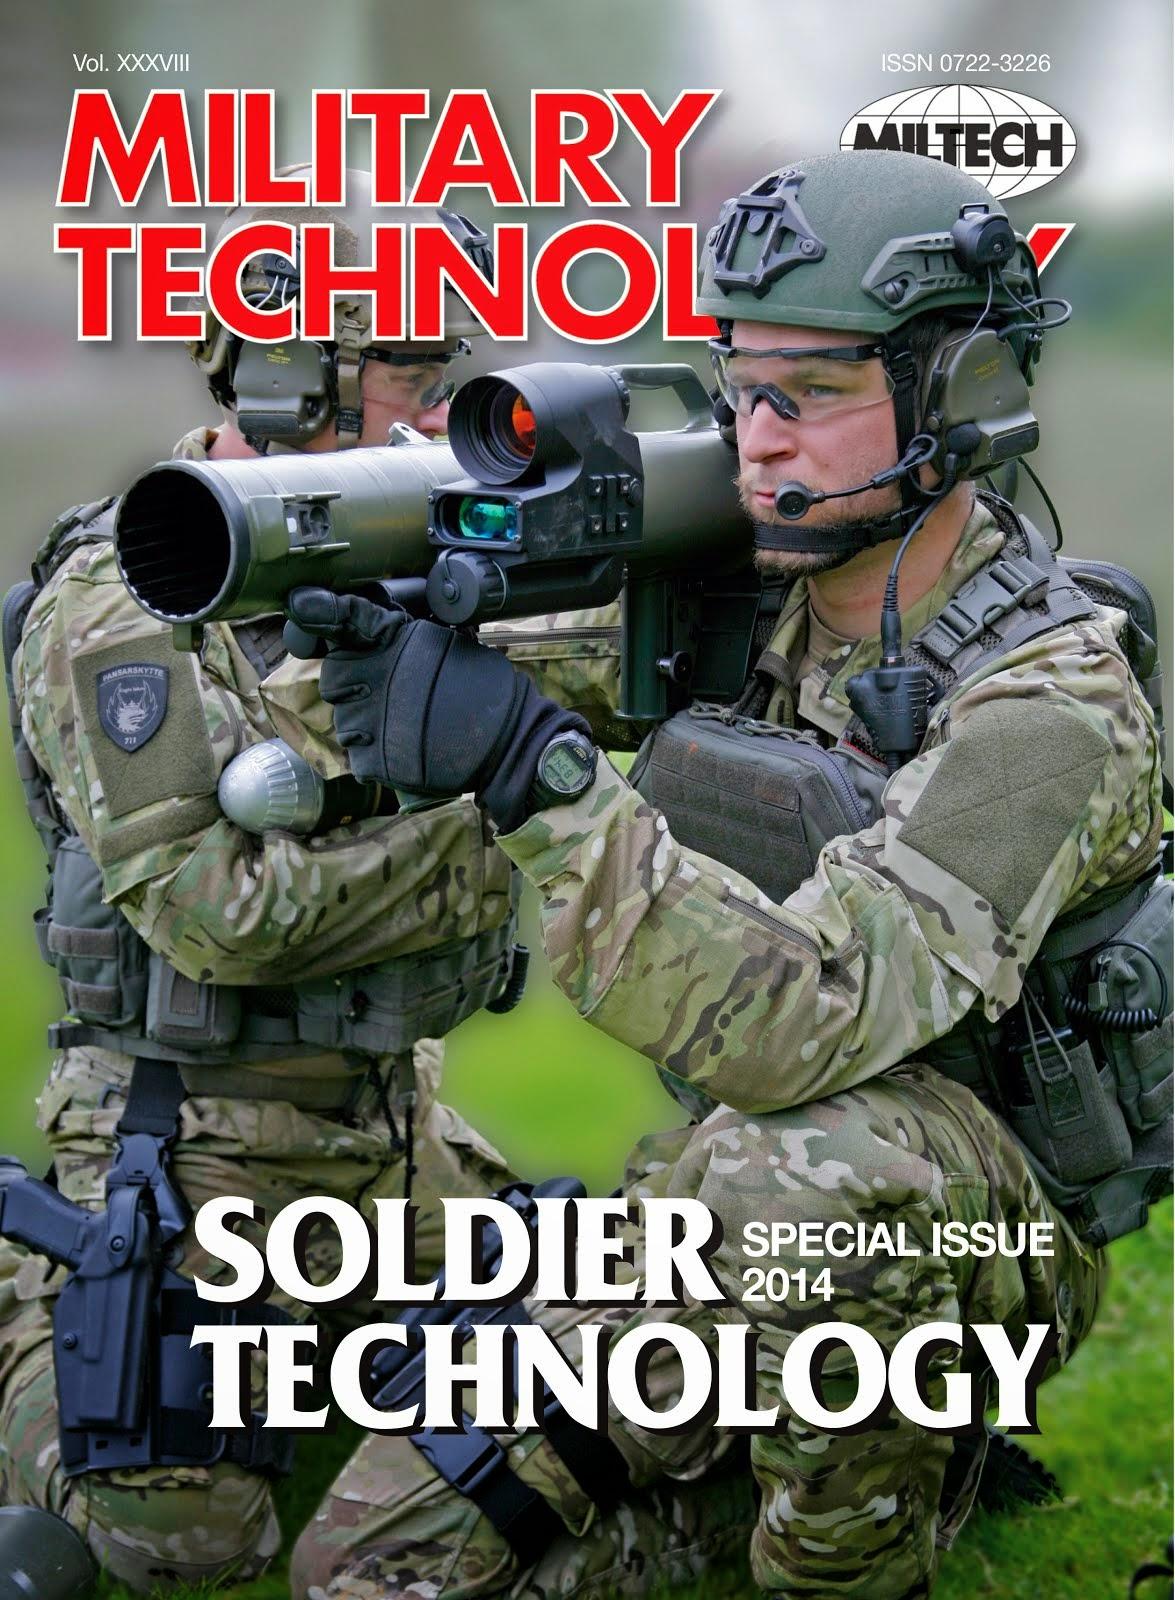 SoldierTech